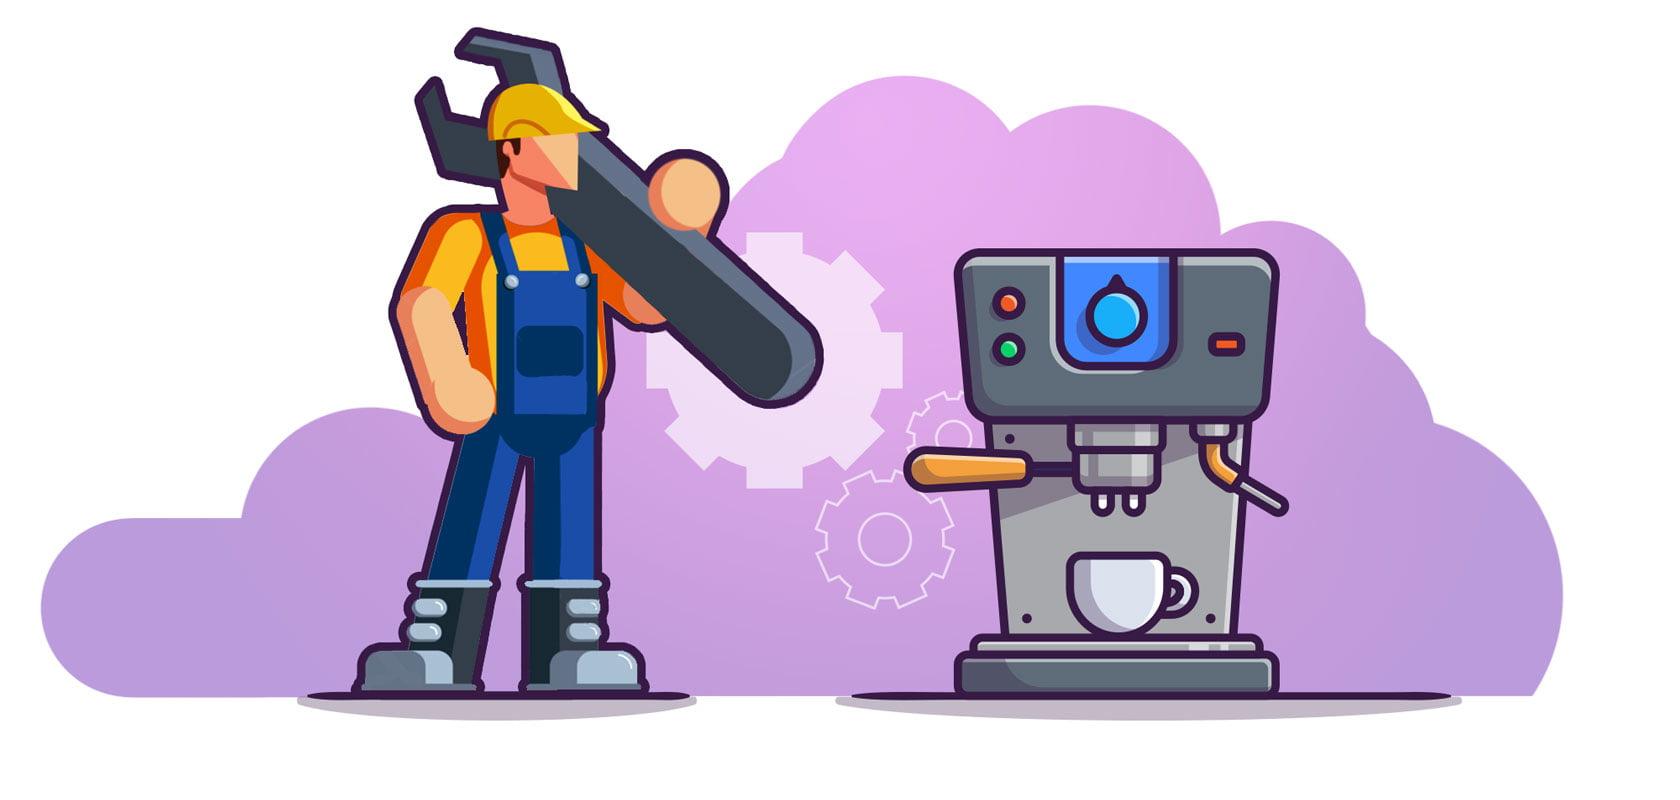 سرویس و تعمیر دستگاه اسپرسوساز خانگی